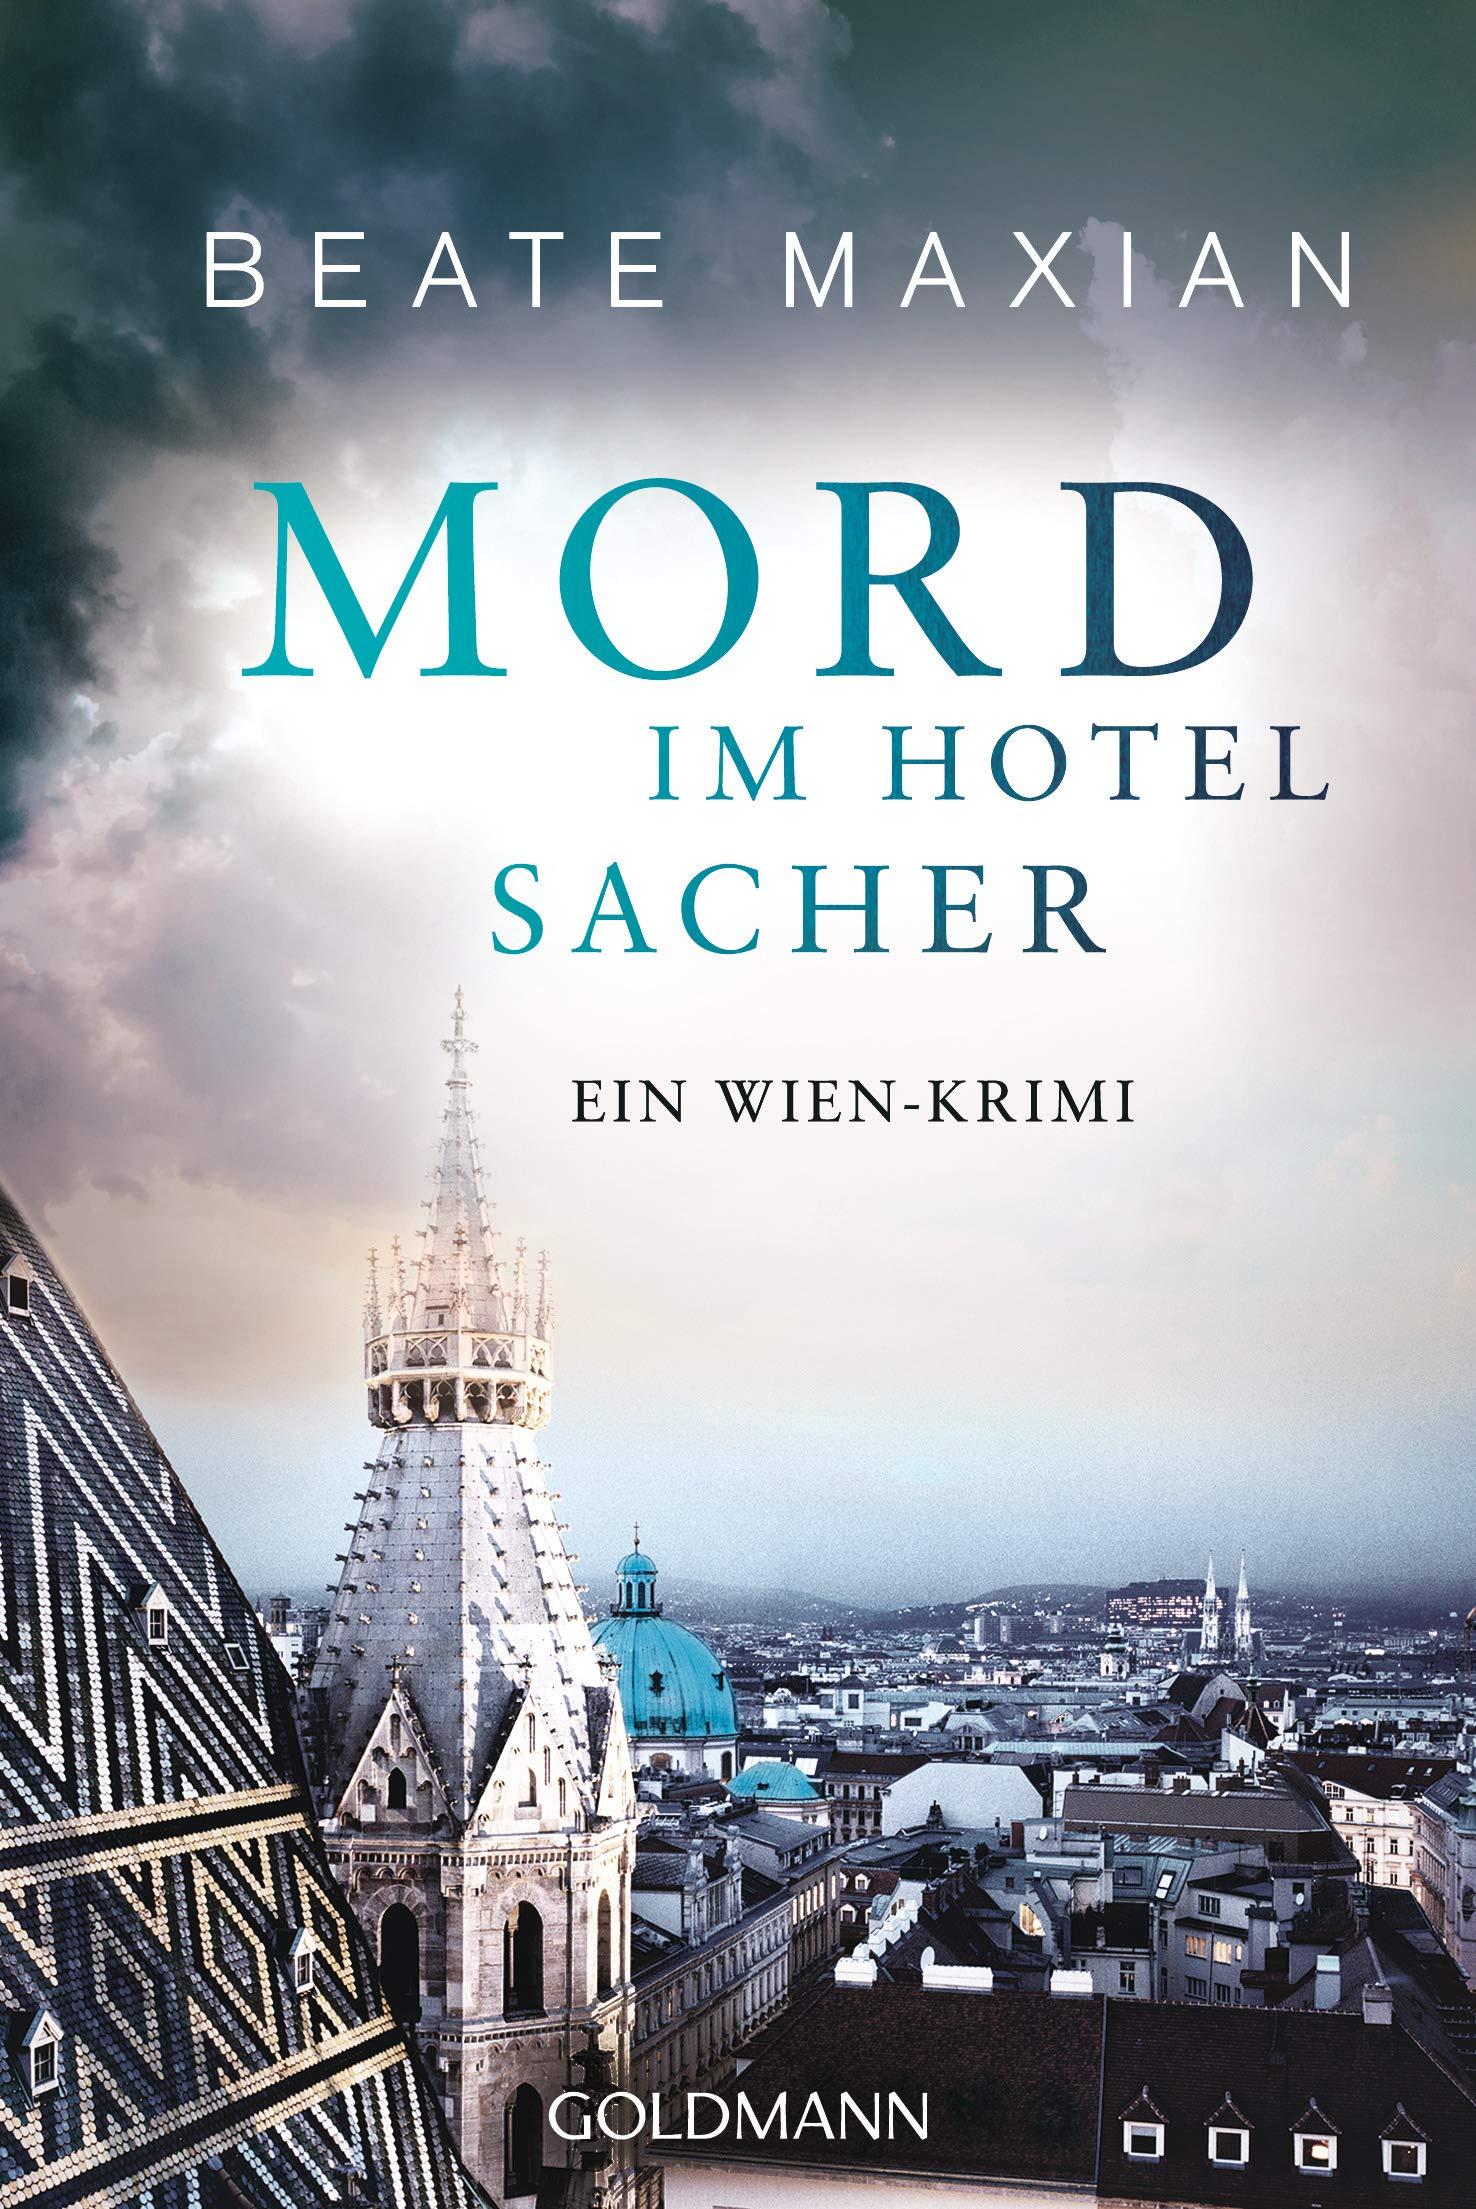 Mord im Hotel Sacher: Ein Wien-Krimi - Die Sarah-Pauli-Reihe 9 Taschenbuch – 18. März 2019 Beate Maxian Goldmann Verlag 344248782X Belletristik / Kriminalromane